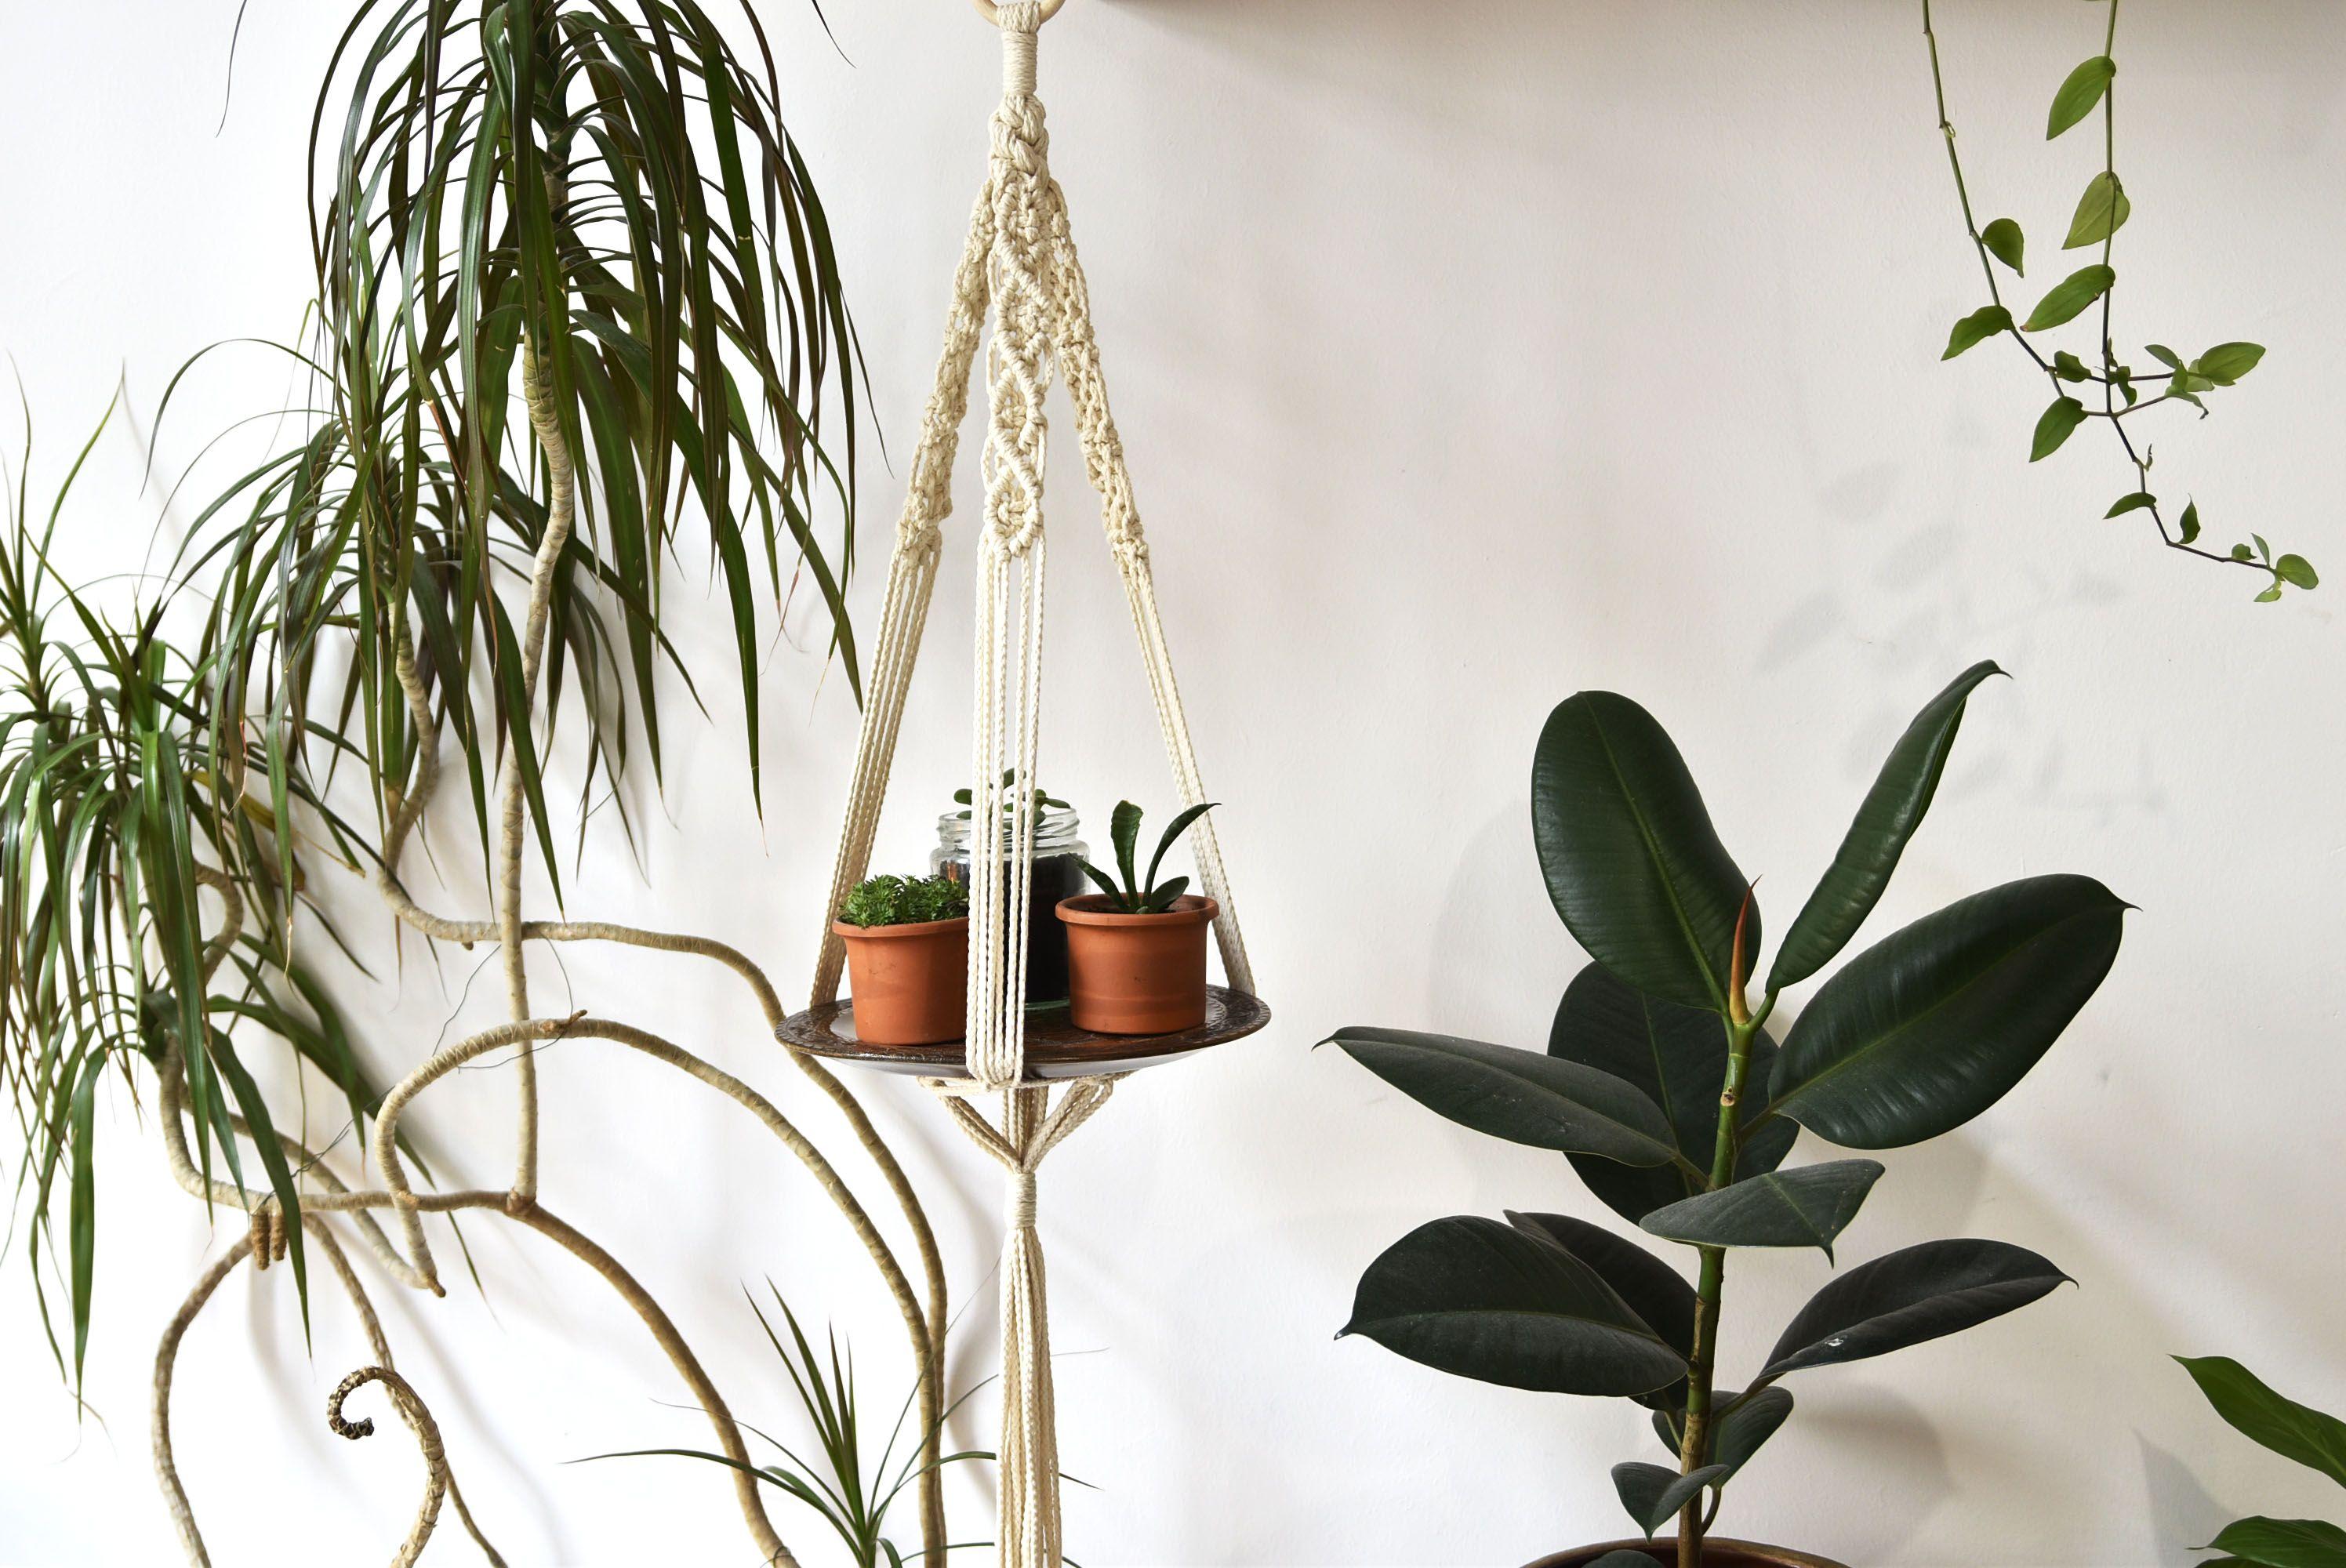 Macram Plant Hanger Vega